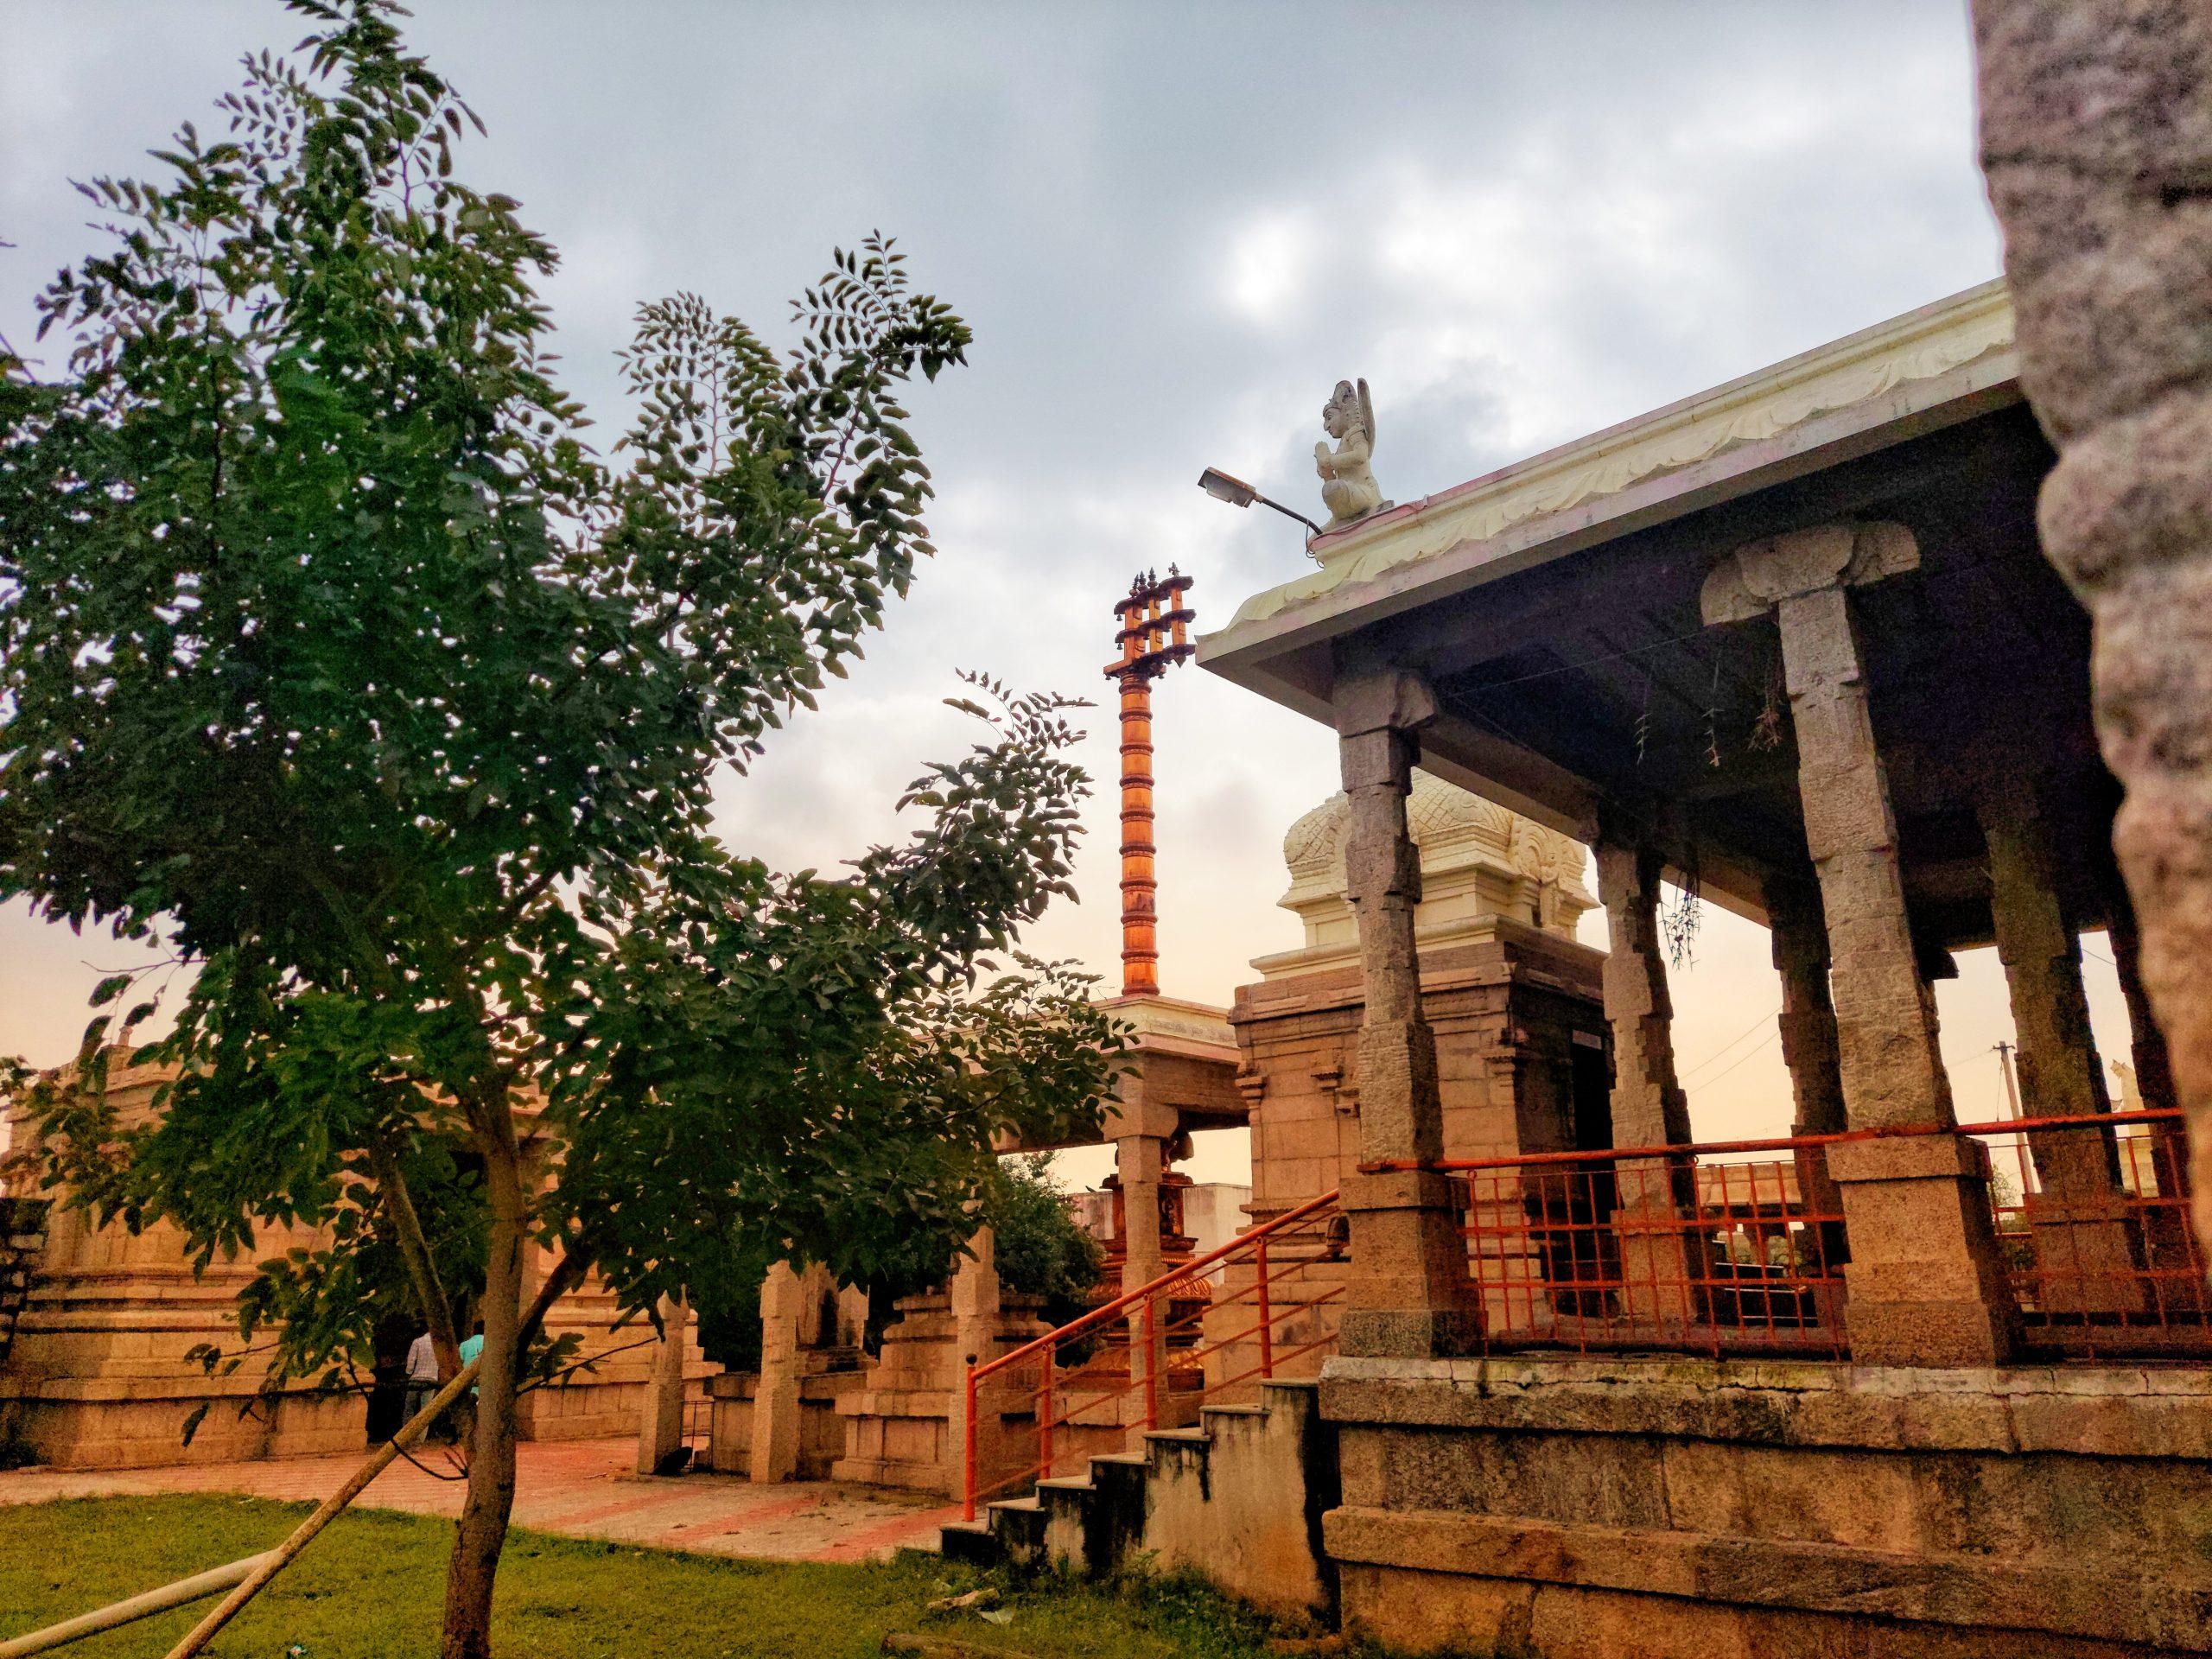 Temple landscape